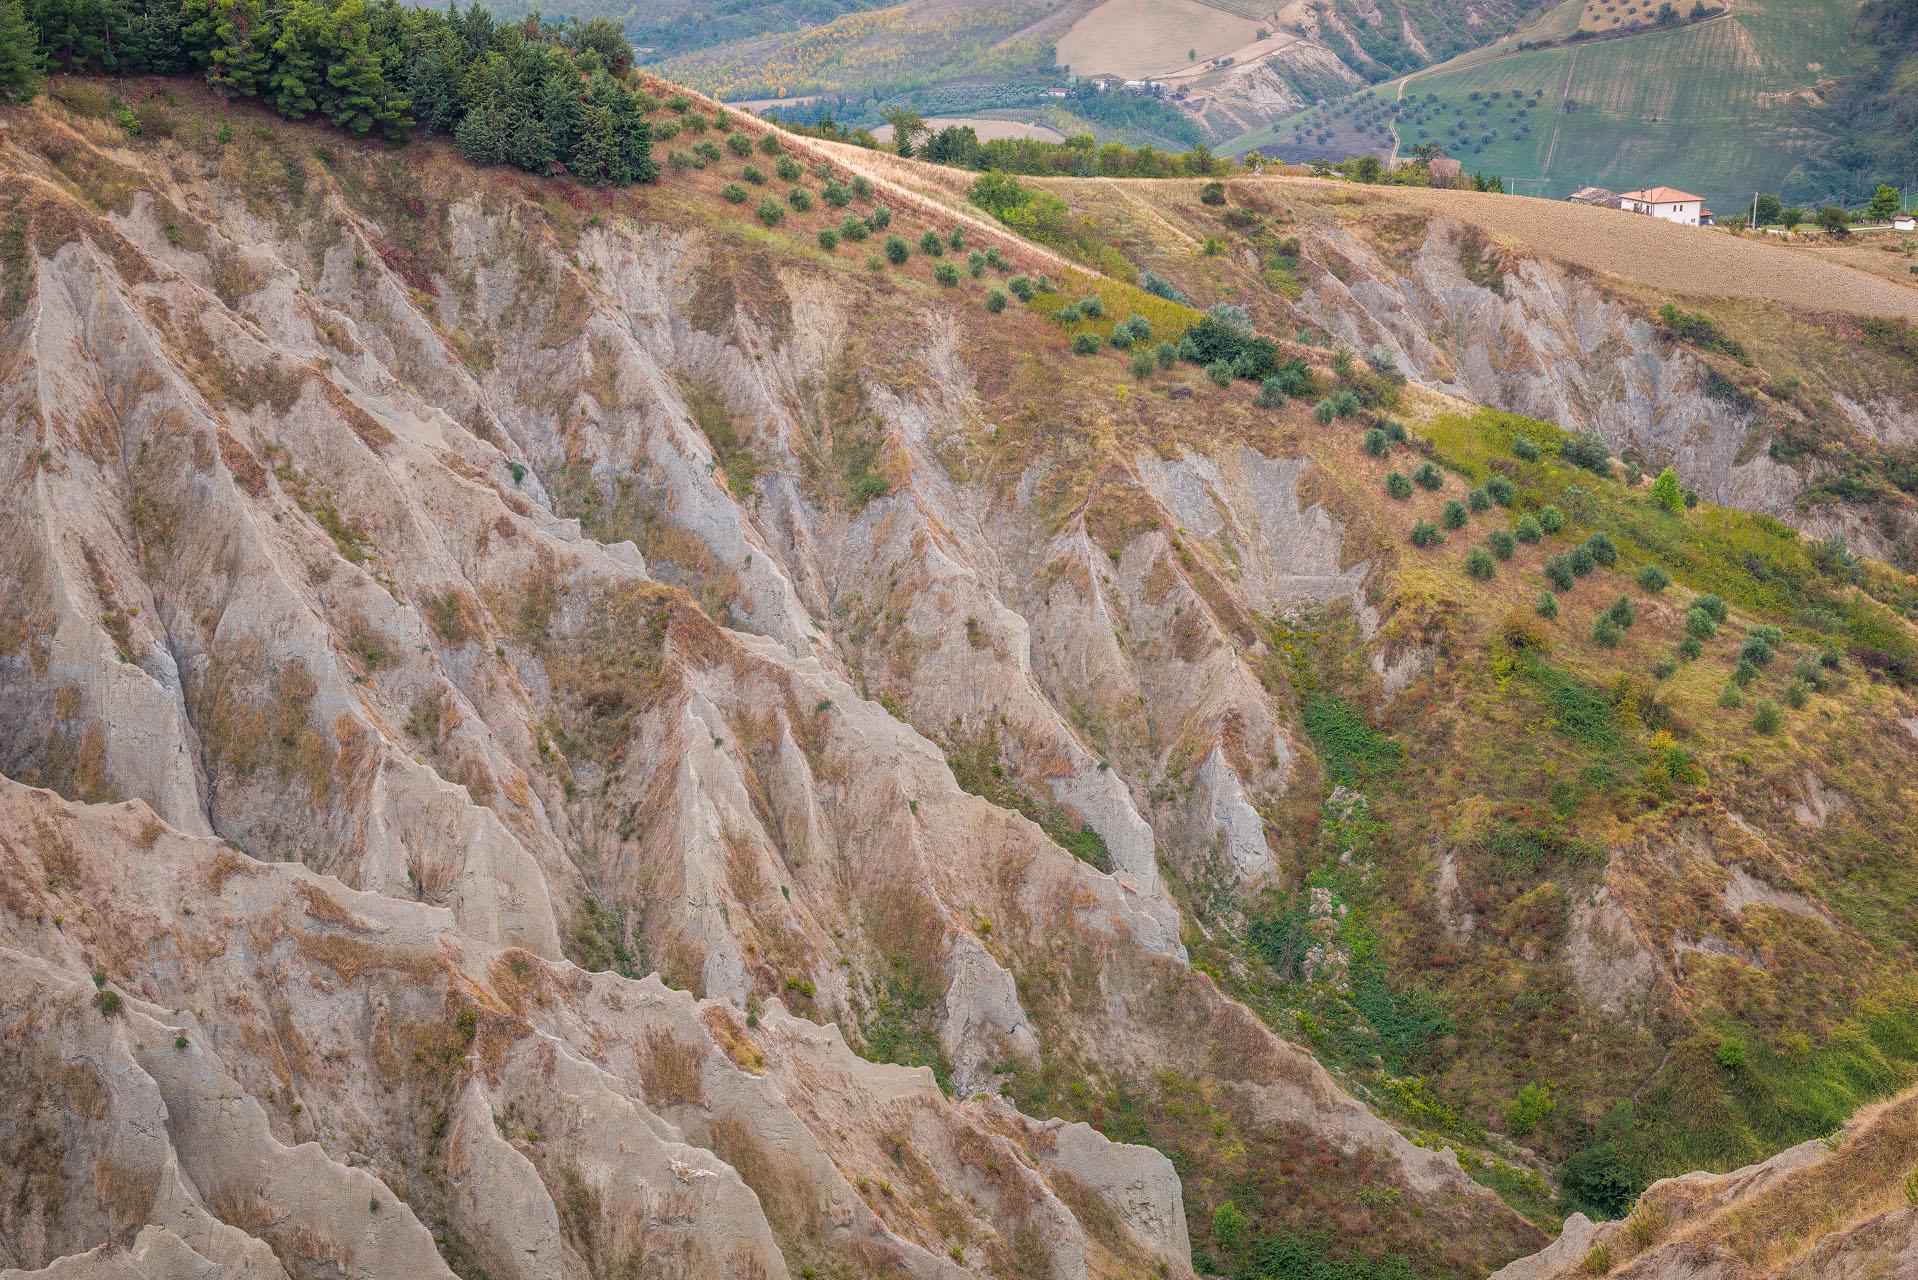 Escursione alla Riserva dei Calanchi di Atri @ Atri (Teramo)